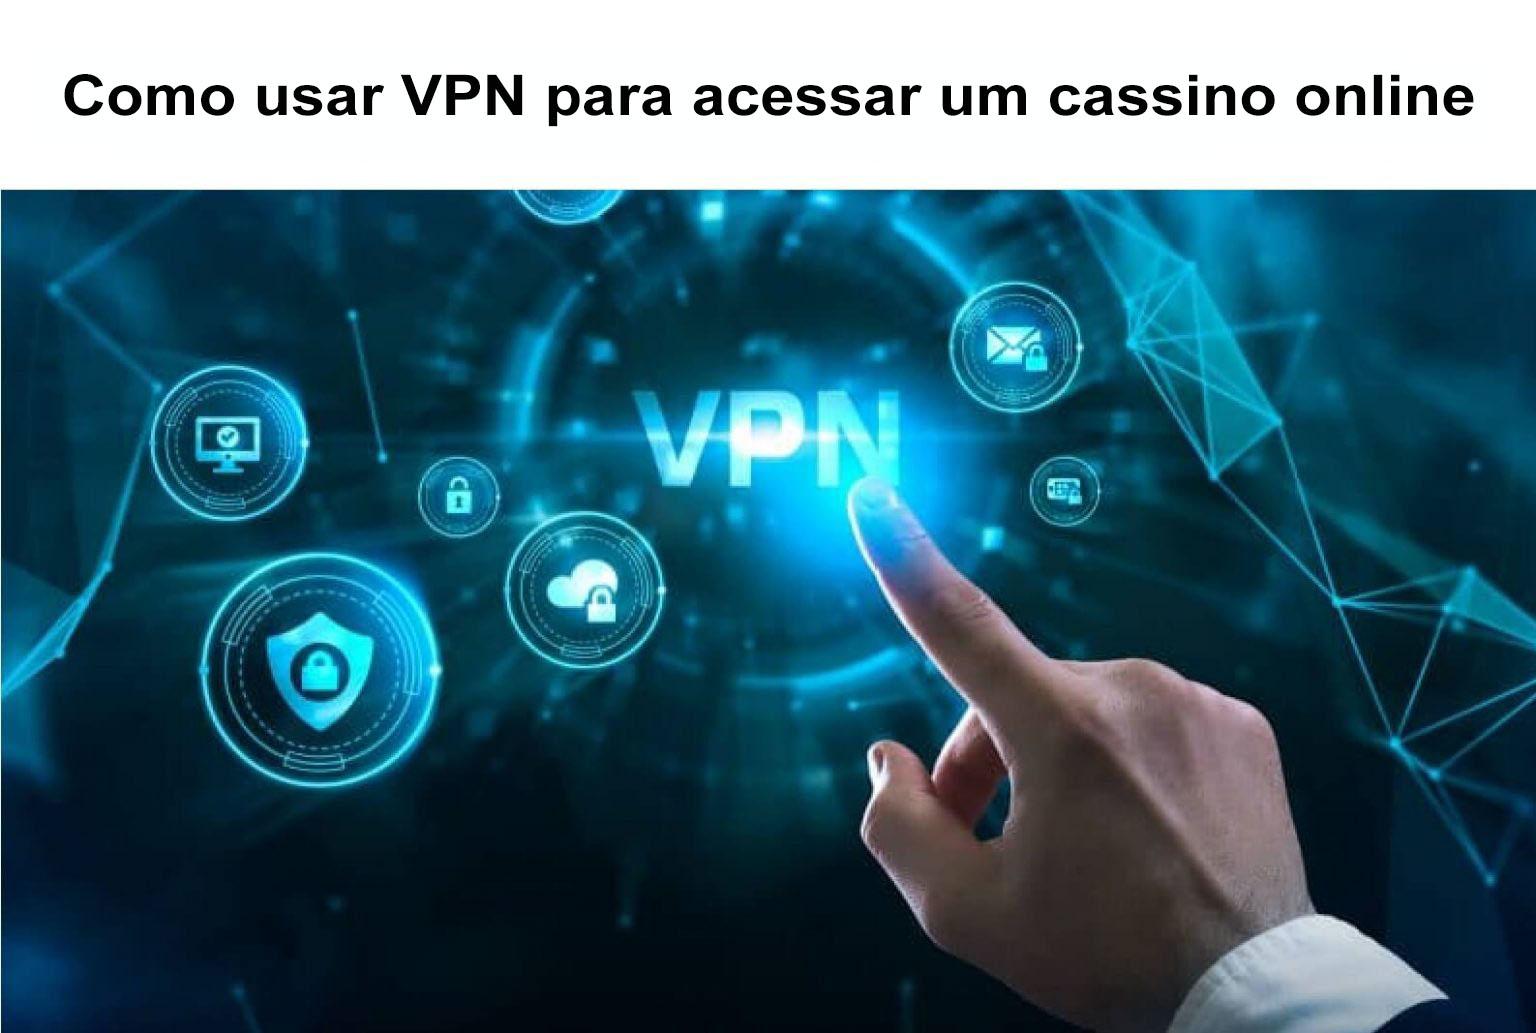 Como usar VPN